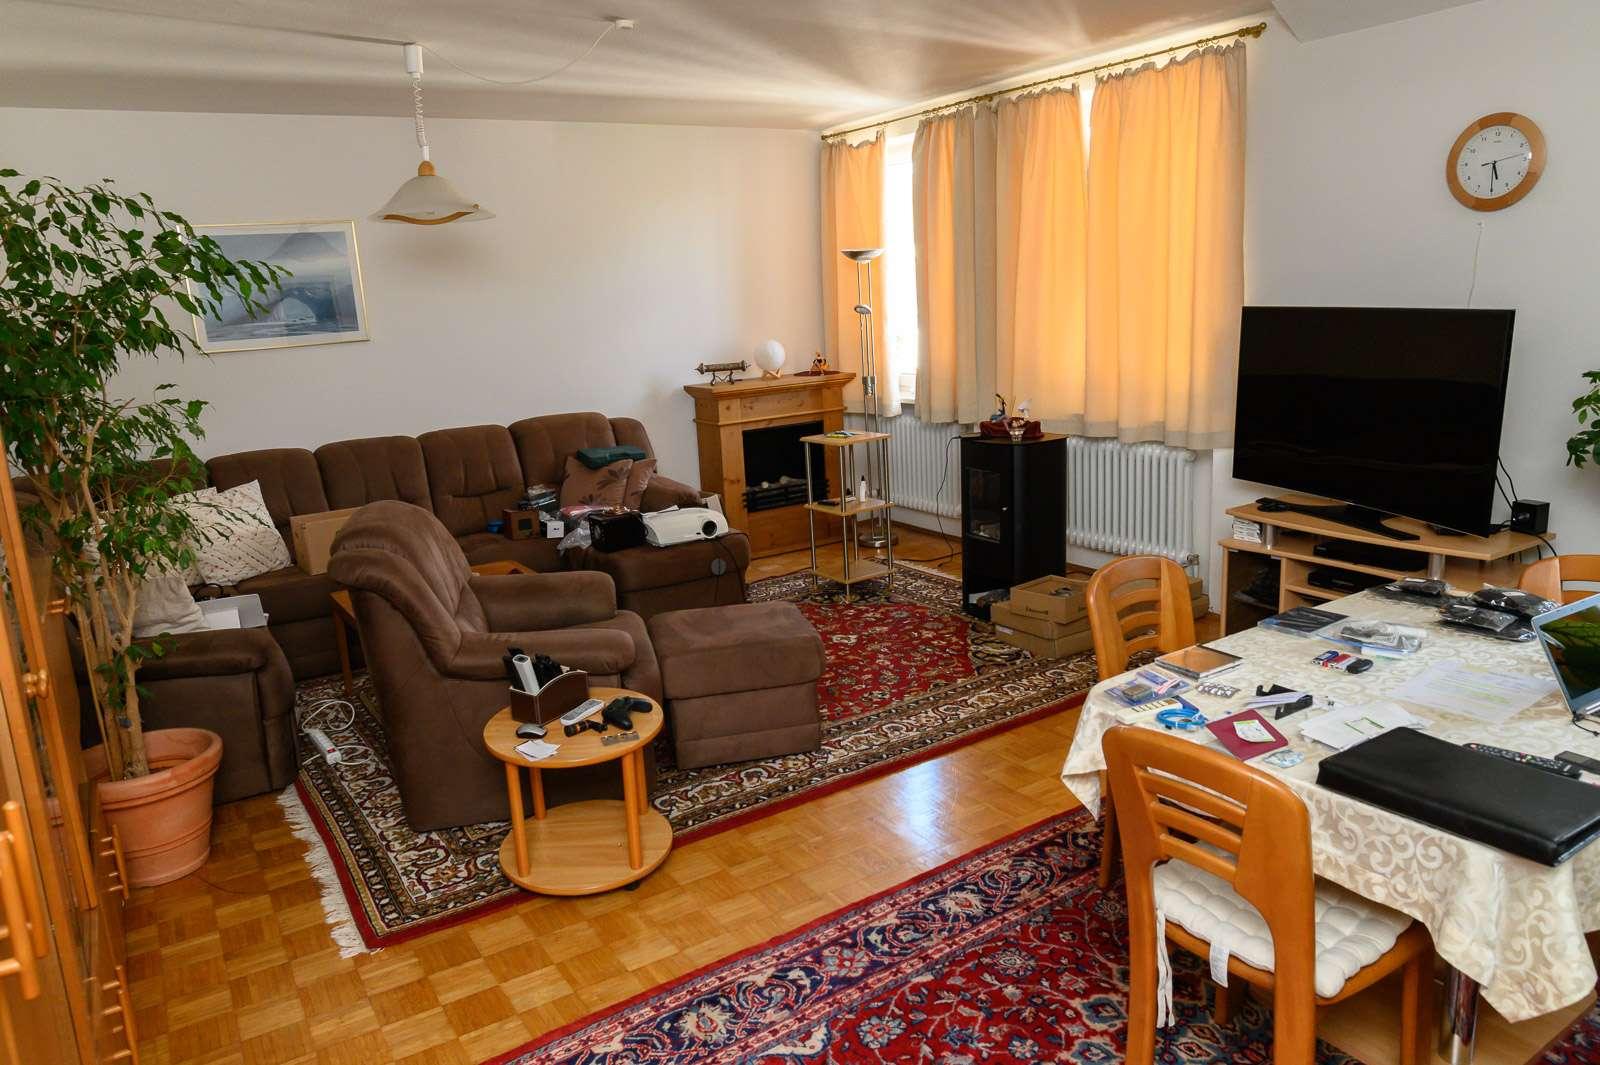 Schöne gepflegte 3-Zimmer-Wohnung in Freising, zentral gelegen, ruhig, Bahnhofsnähe